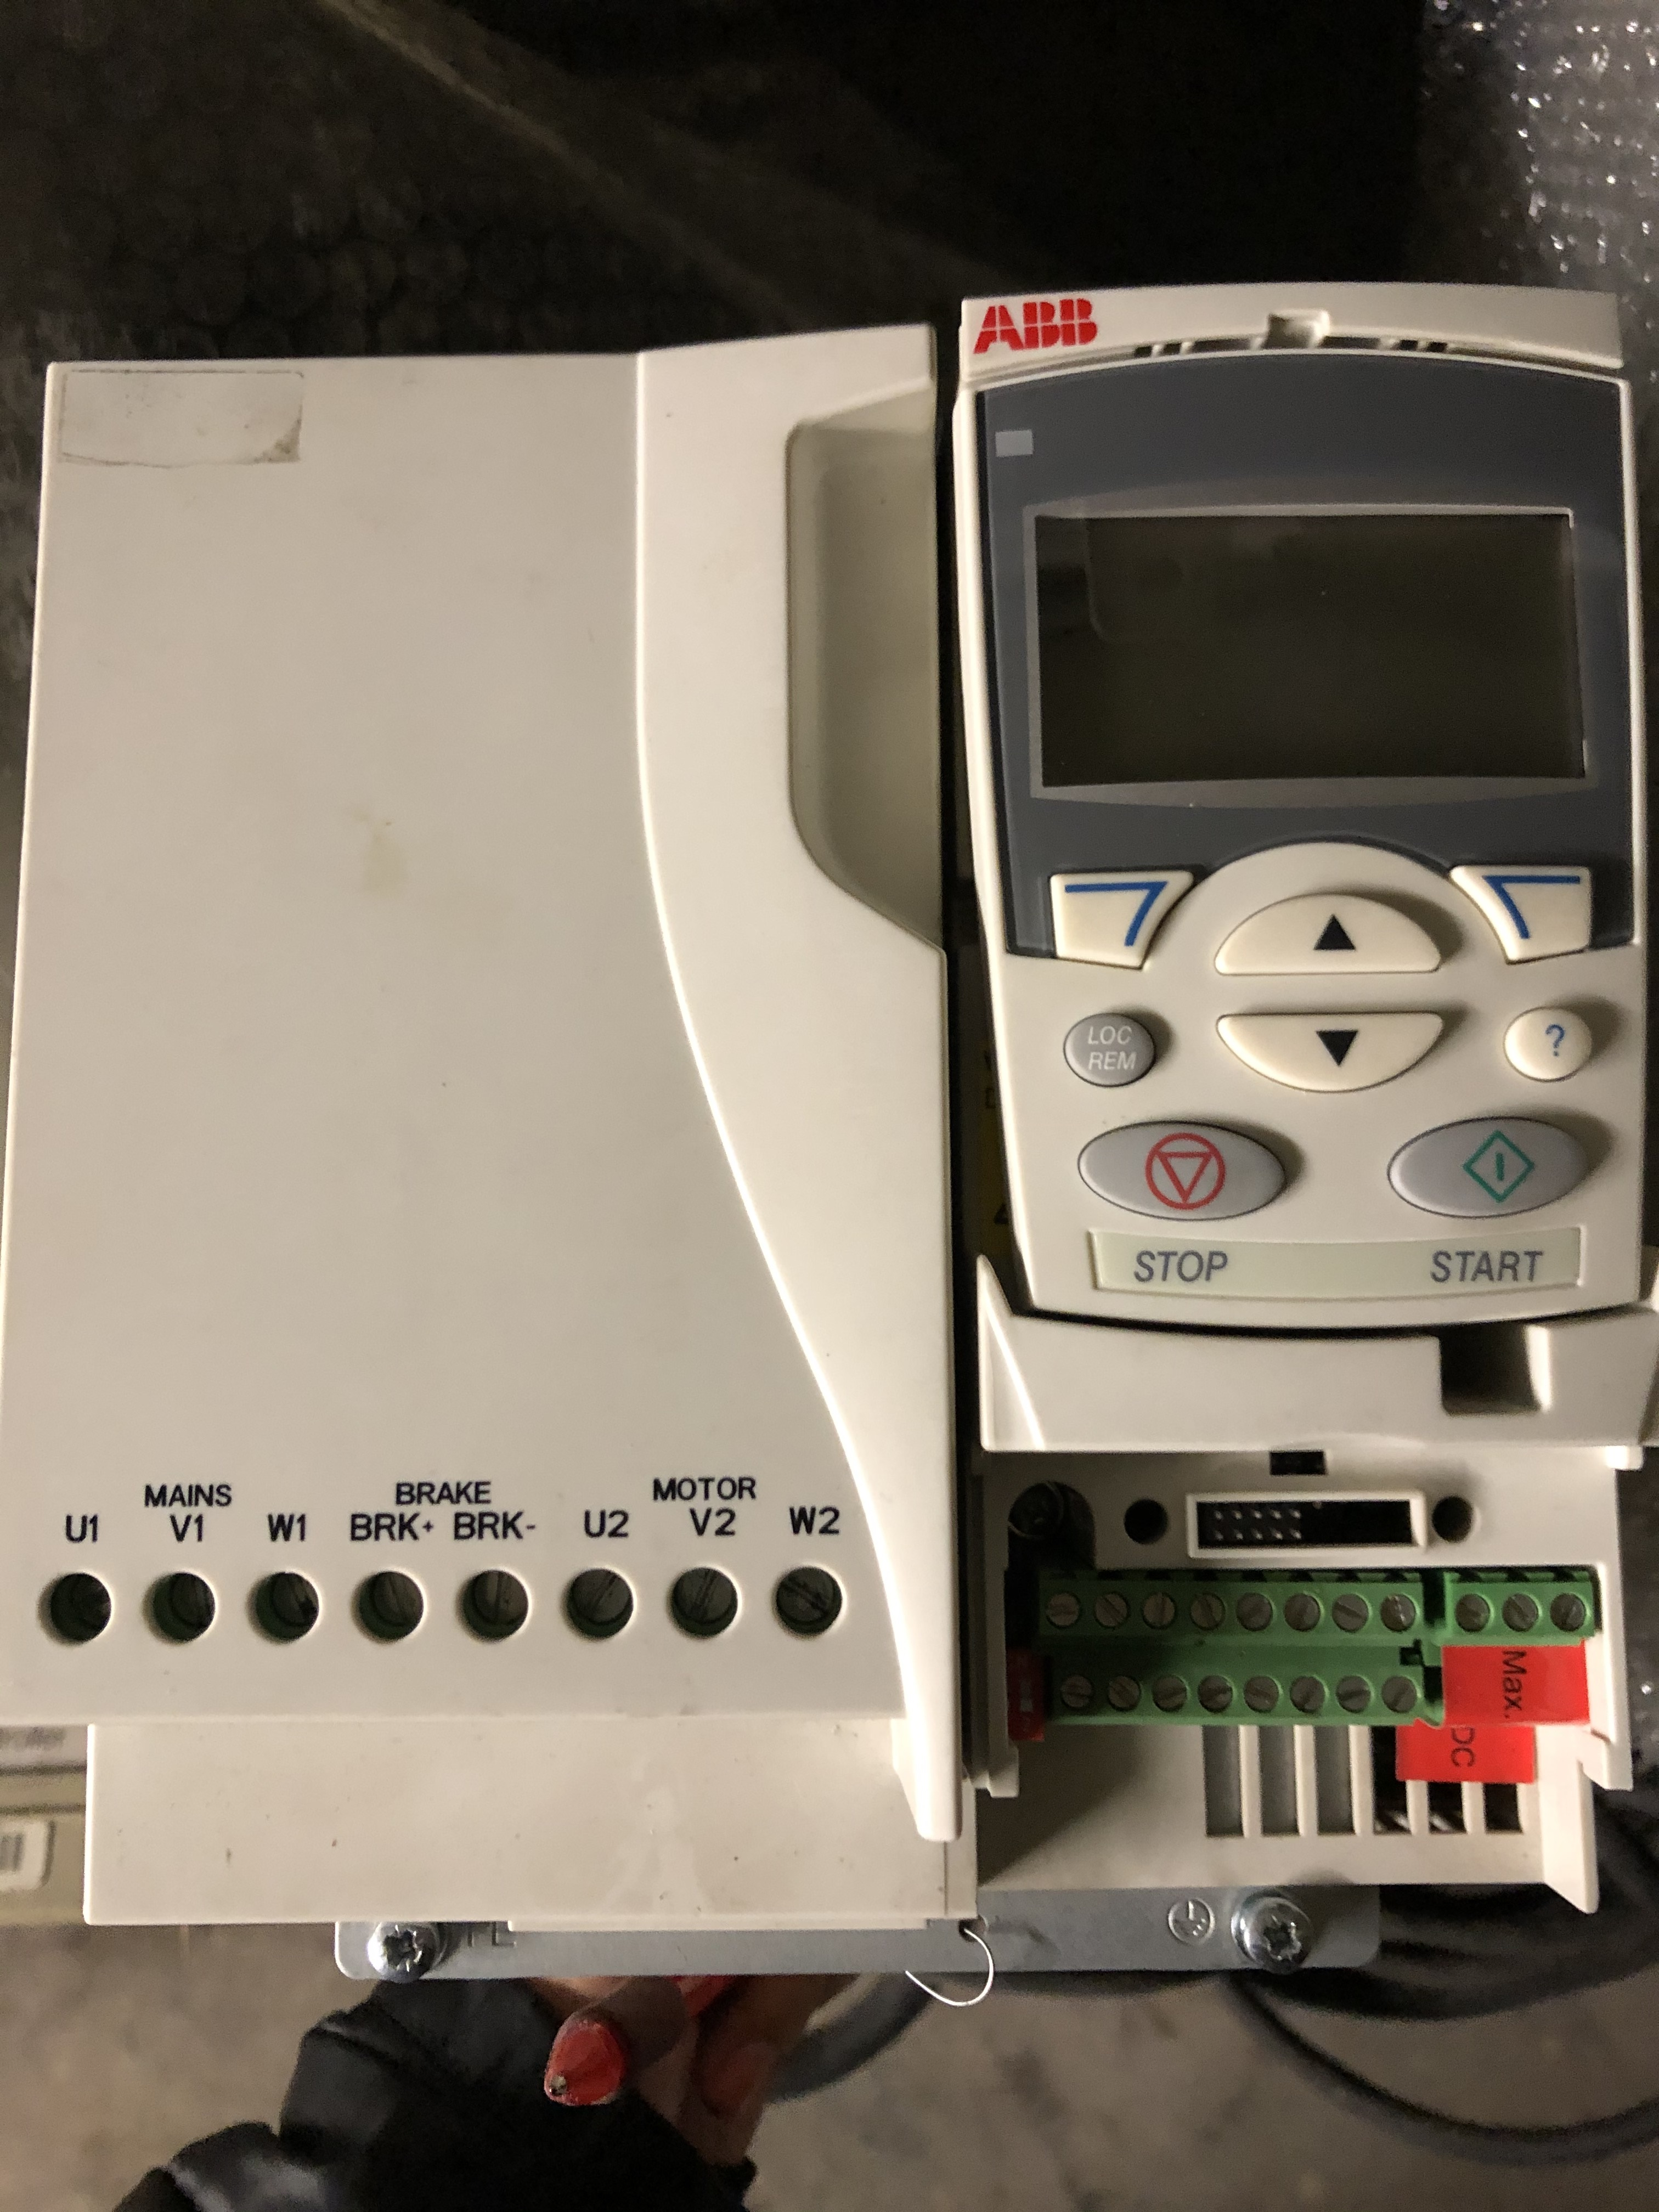 abb-acs355.jpg